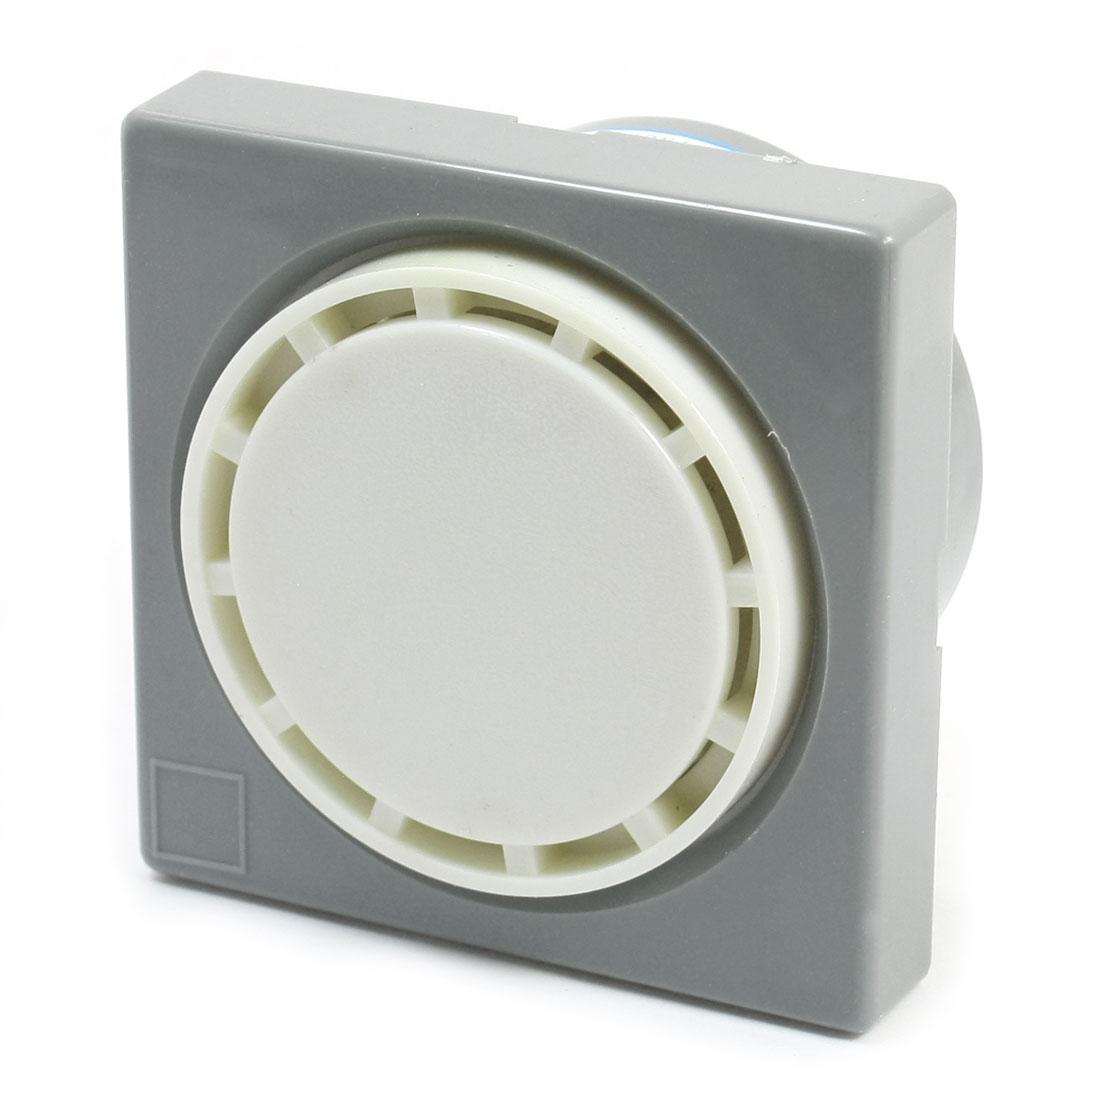 Panel Mounting High-decibel 80db Electronic Alarm Buzzer Siren AC 220V 30mA